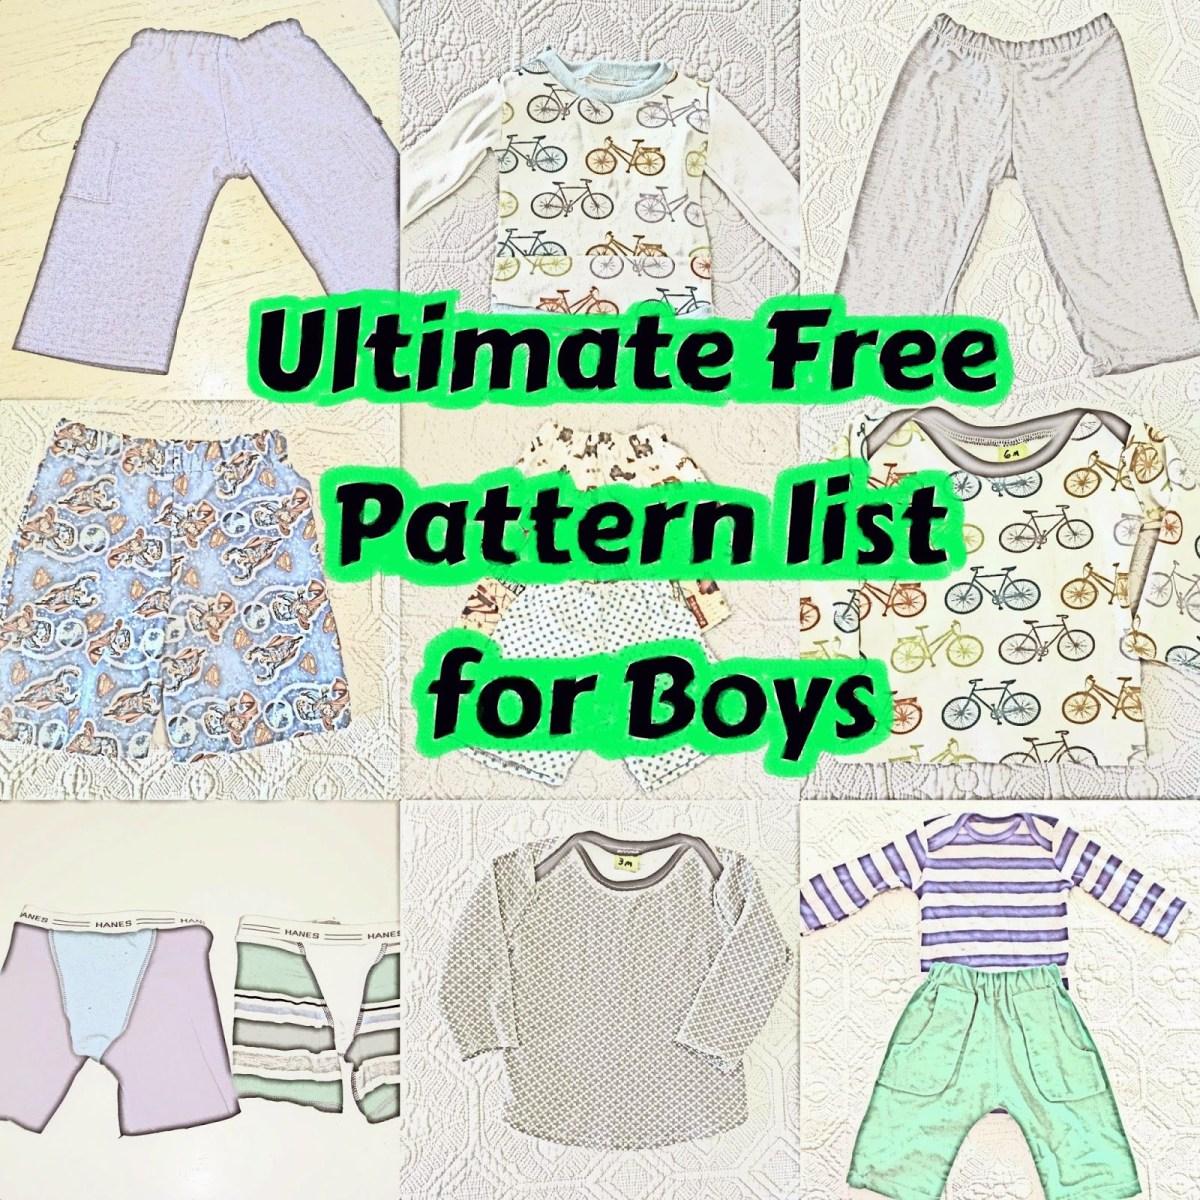 Free Baby Sewing Patterns Free Boy Patterns Sew Boy Sewing Sewing Patterns Sewing